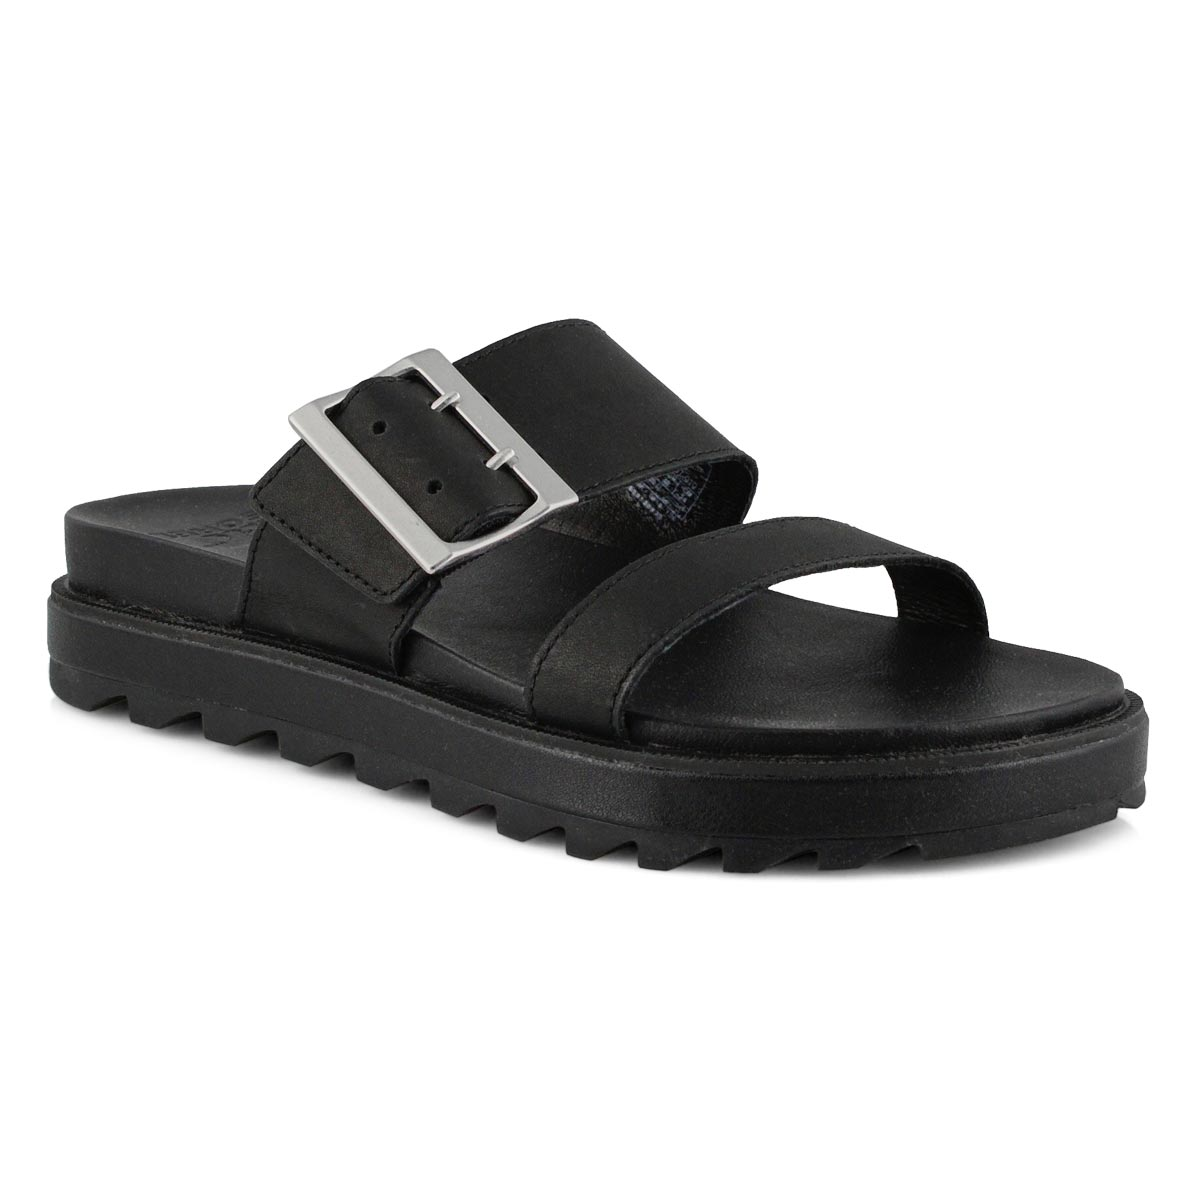 Womens's Roaming Buckle Slide Sandal - Black